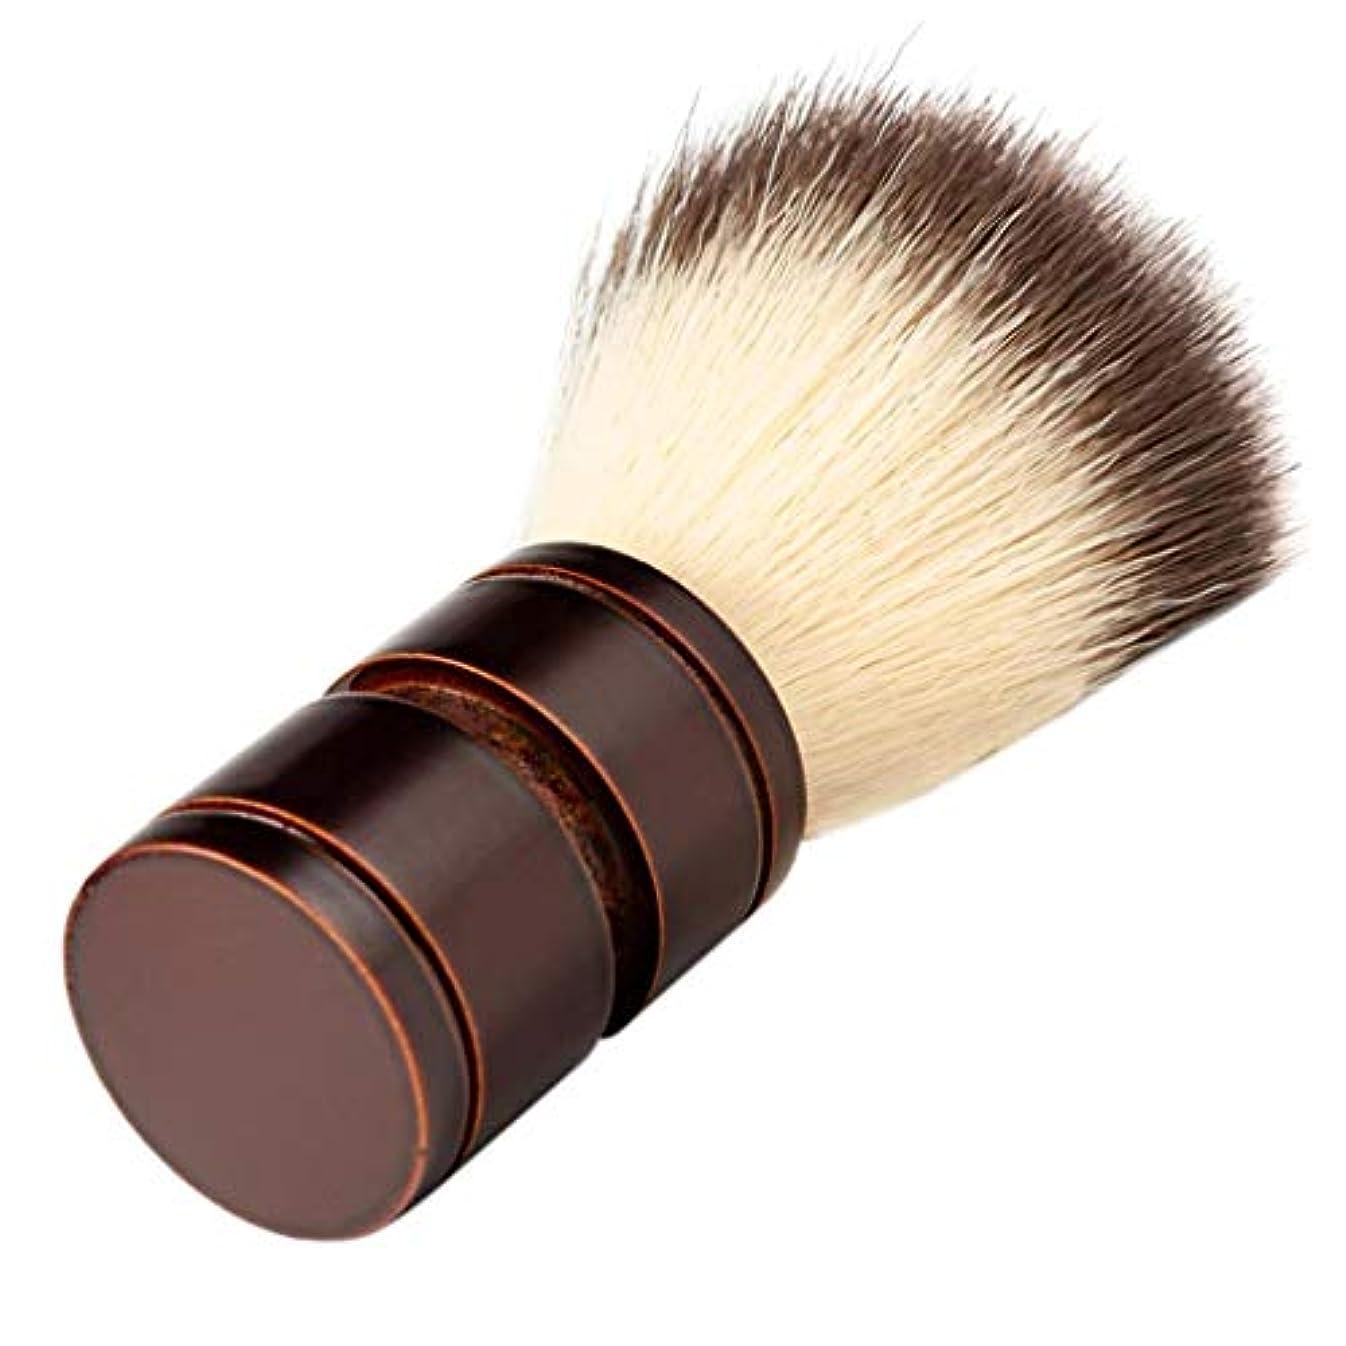 ジェム今まで拡声器P Prettyia シェービング ブラシ メンズ ナイロン ひげブラシ 洗顔ブラシ 理容 洗顔 髭剃り 泡立ち